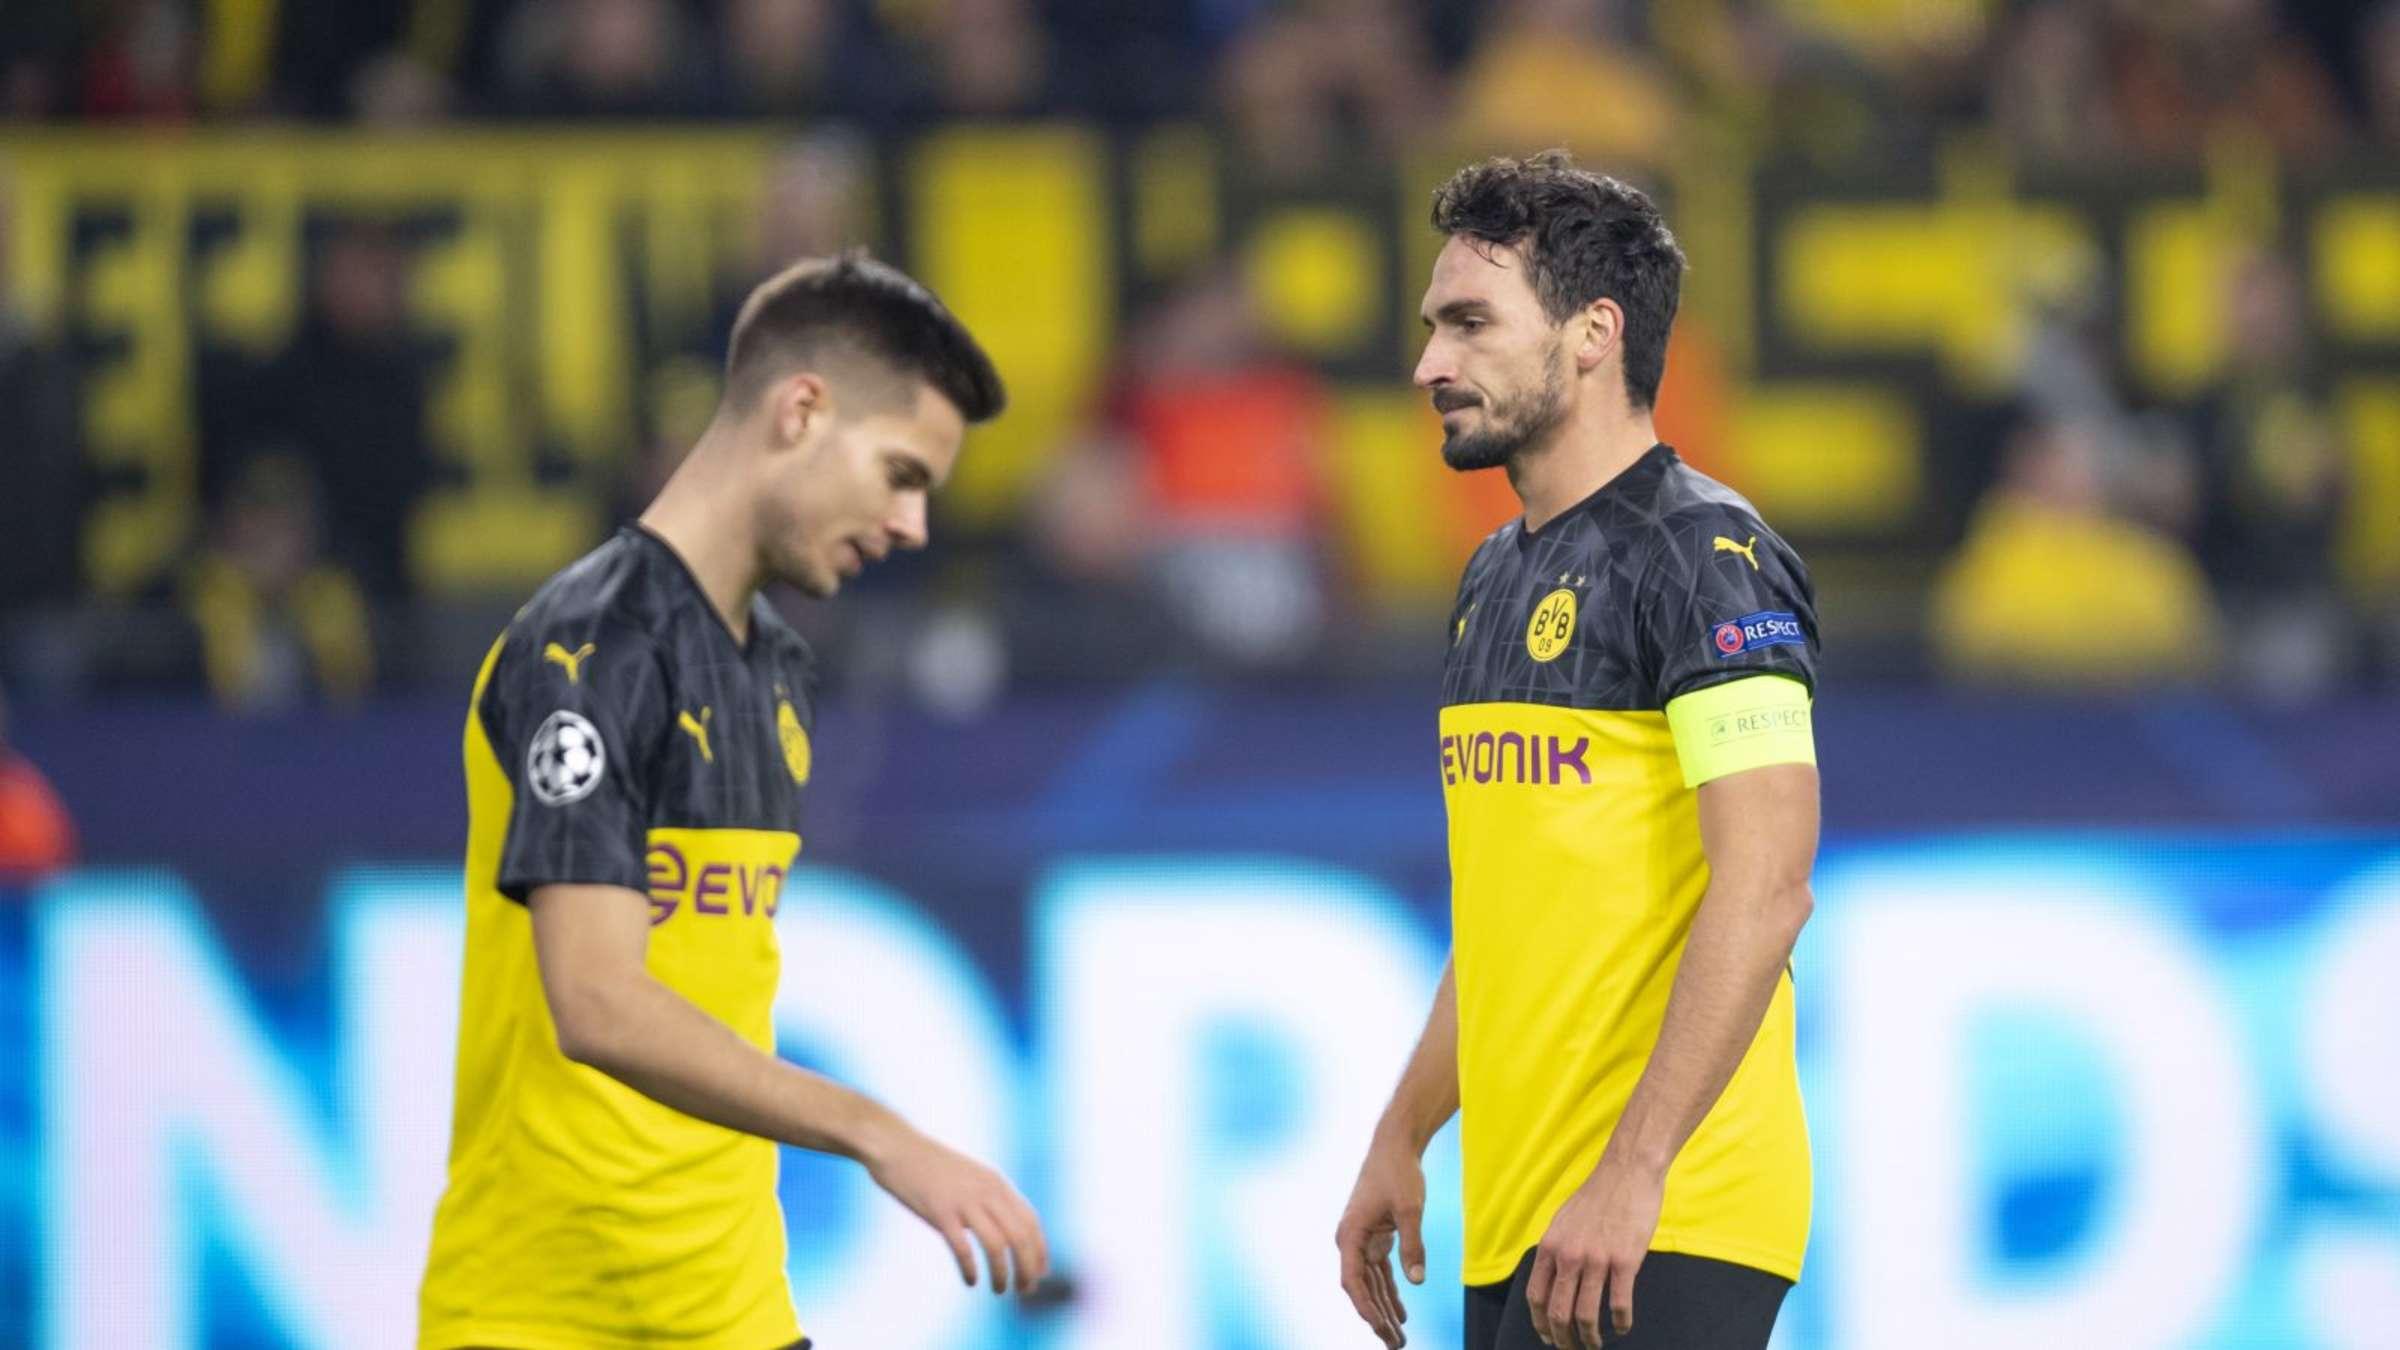 Aufstellung Bvb Startelf Von Borussia Dortmund Gegen Den Sc